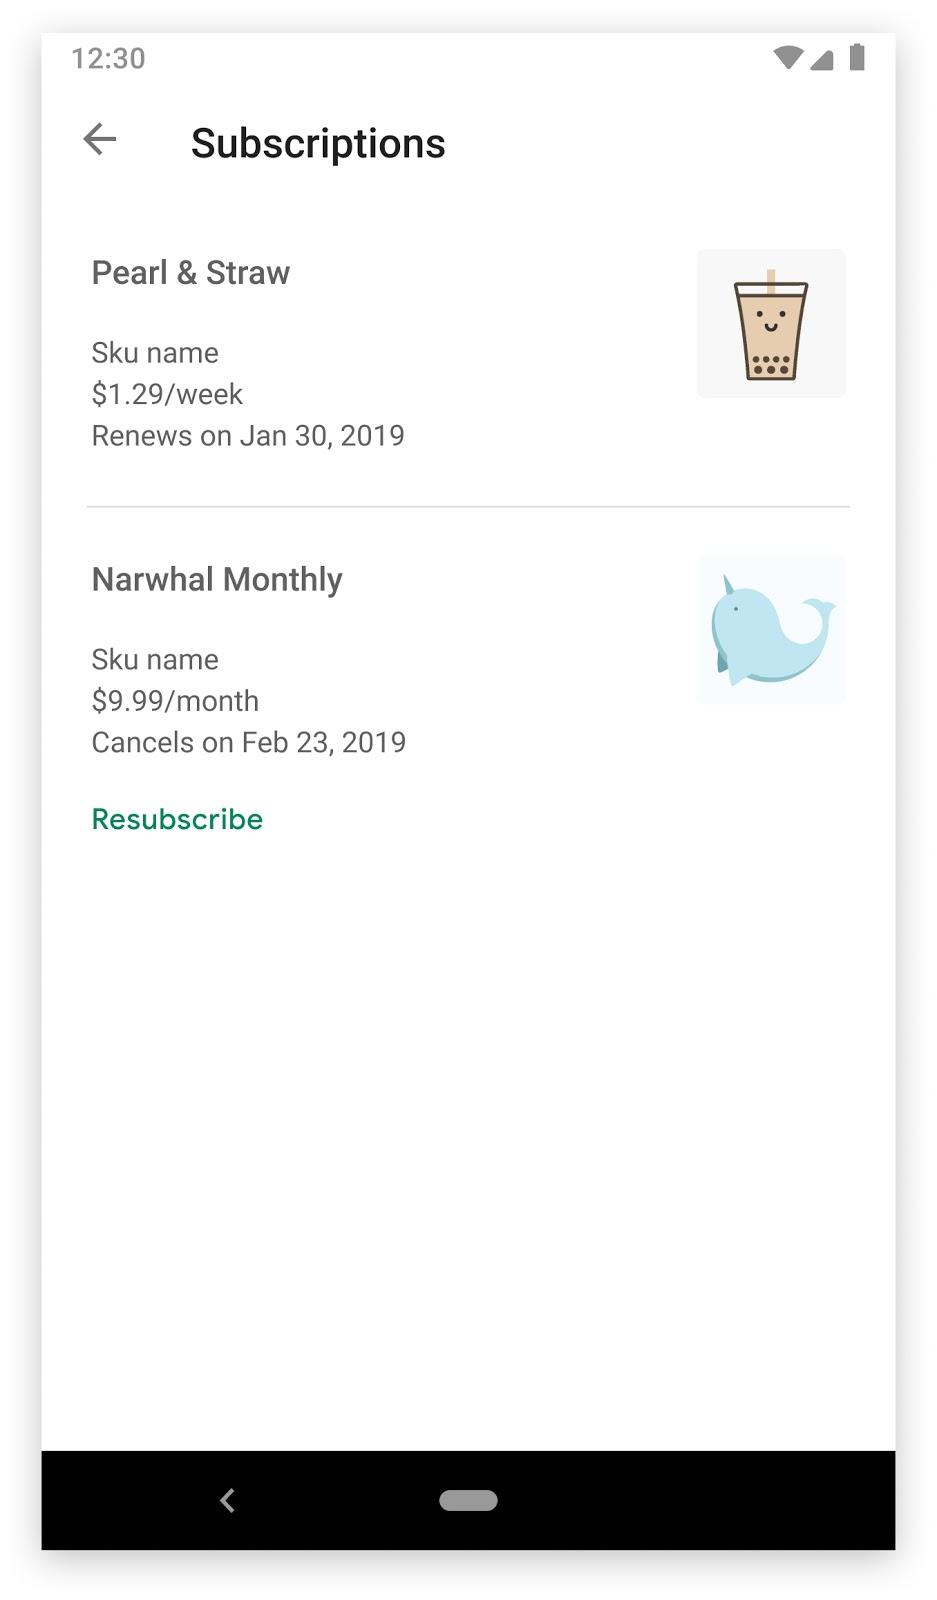 sección de suscripciones en la app de GooglePlayStore, en la que aparece una suscripción cancelada con un botón para volver a suscribirse